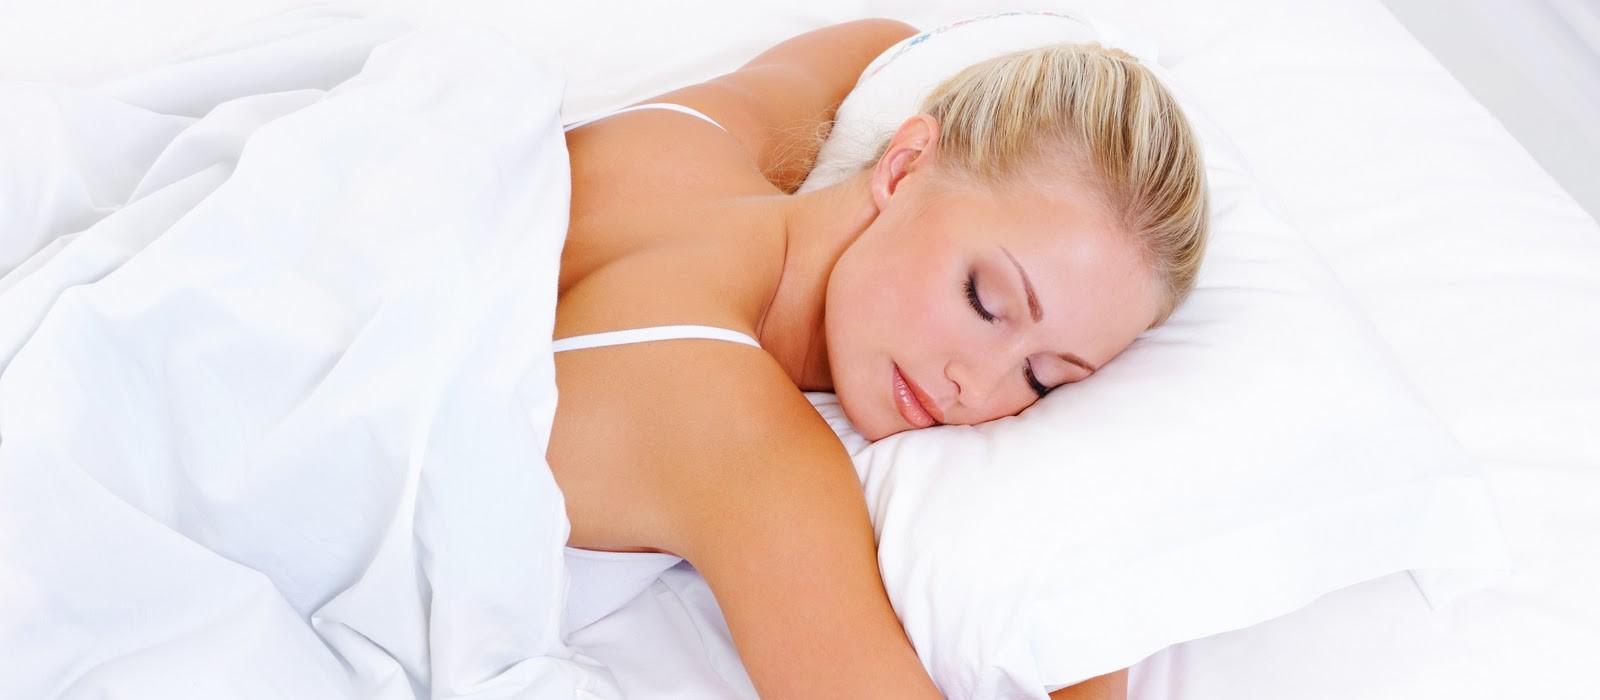 Фото блондинка спит 2 фотография